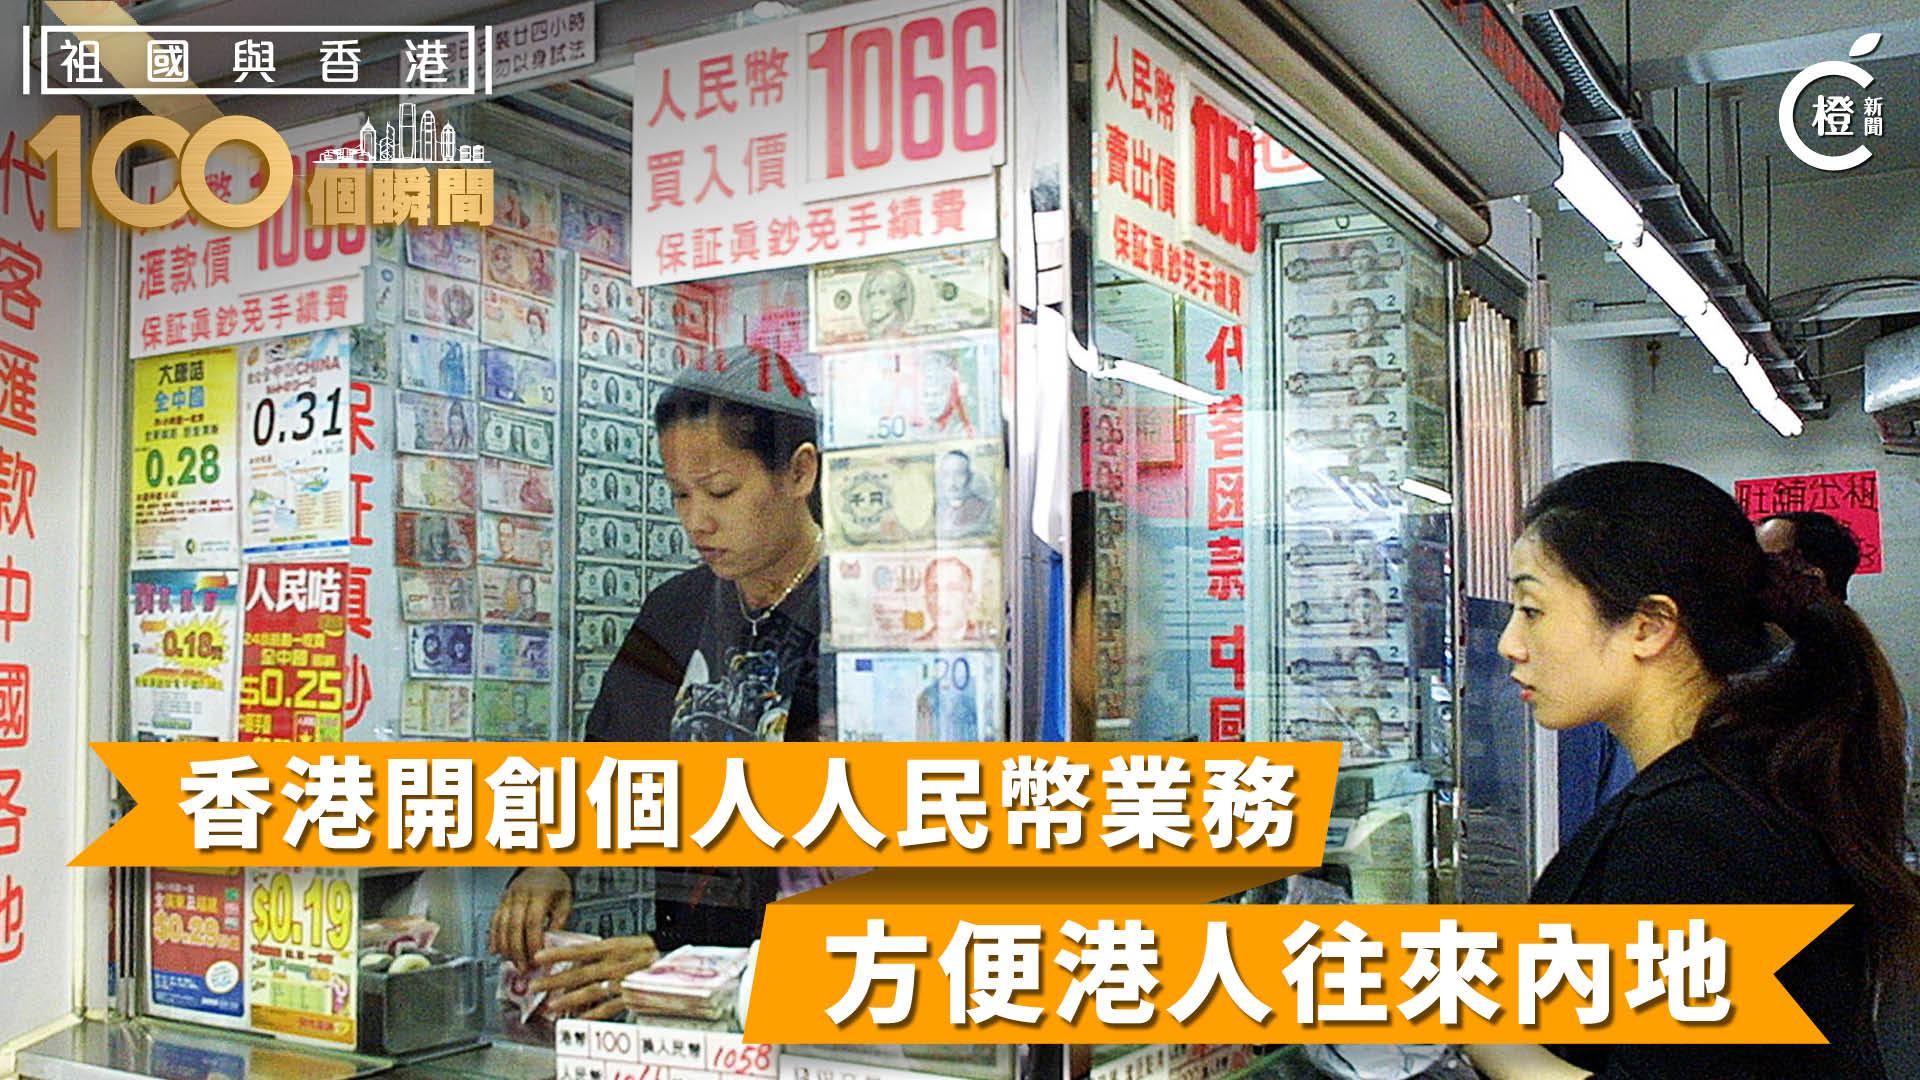 【祖國與香港100個瞬間】香港開設個人人民幣業務 方便港人往來內地